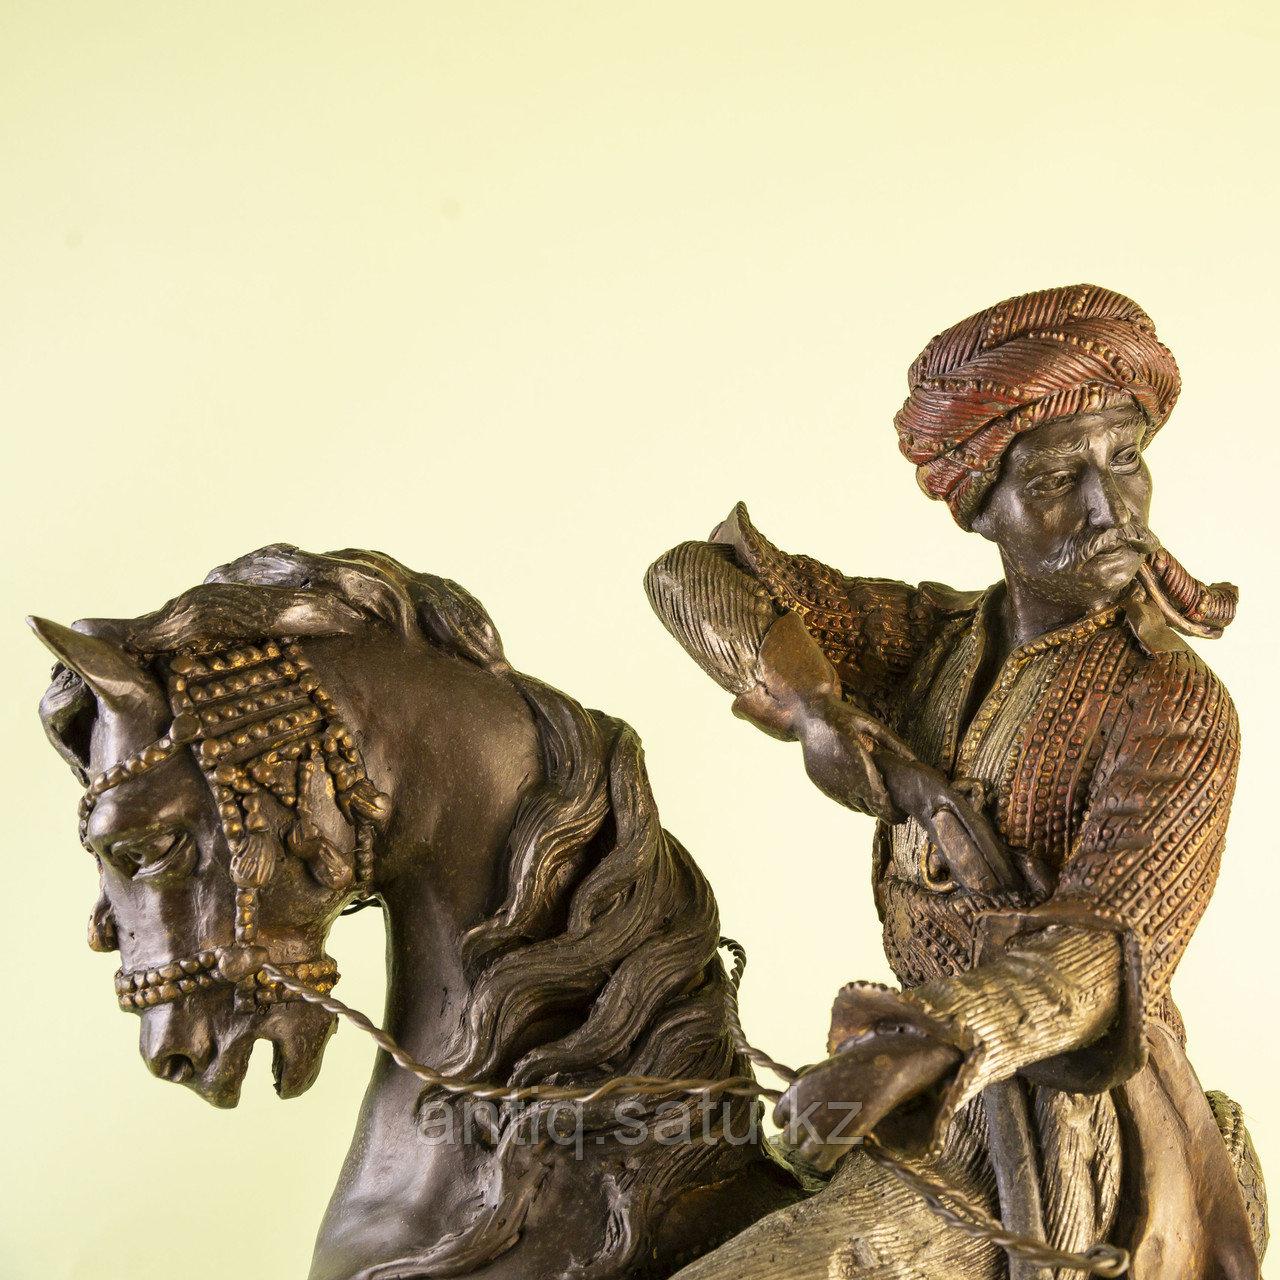 Кабинетная скульптура «Восточный воин» - фото 3